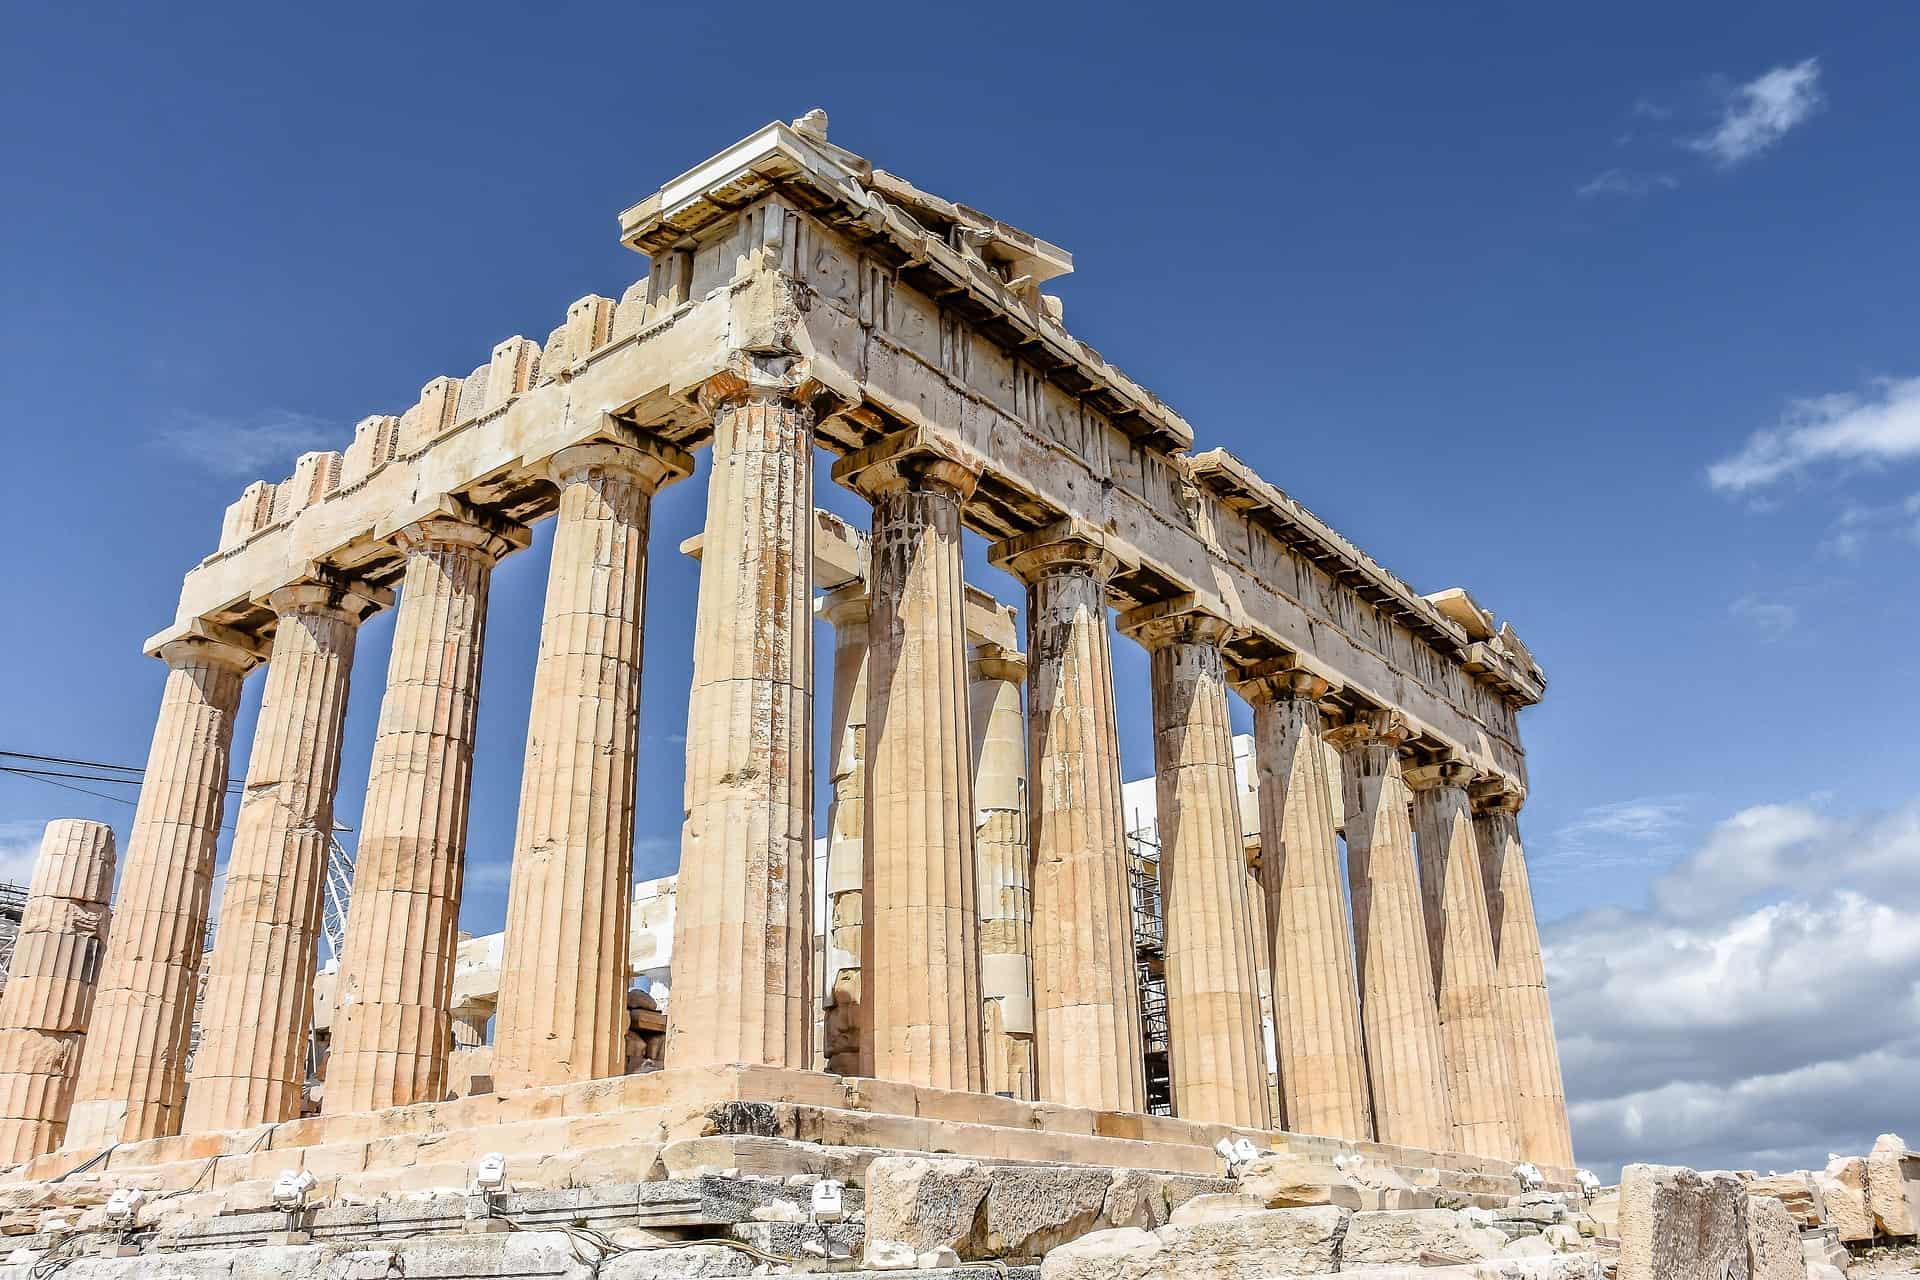 Akropolis das wichtigste Monument des Landes - Pauschalreise Athen ruft!